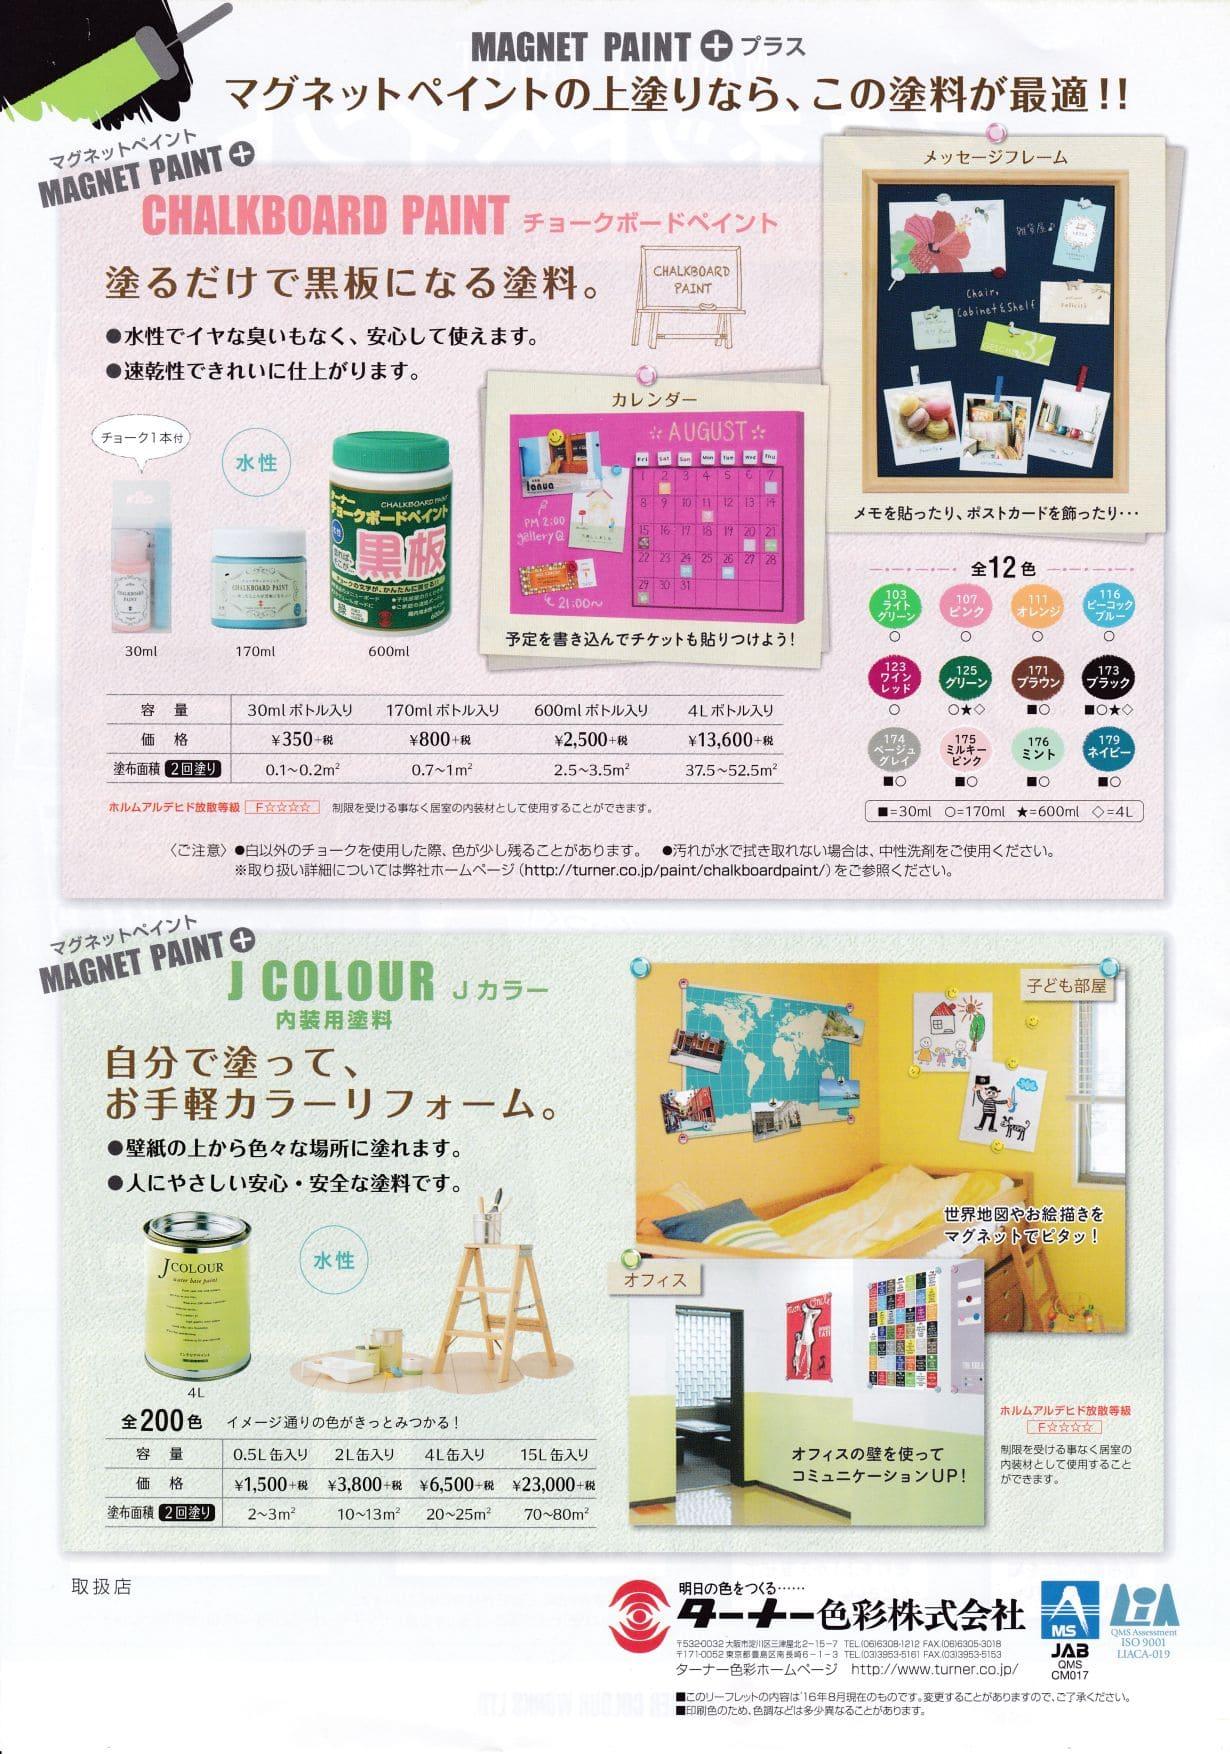 徳島のリコー塗料販売店-チラシ-12-